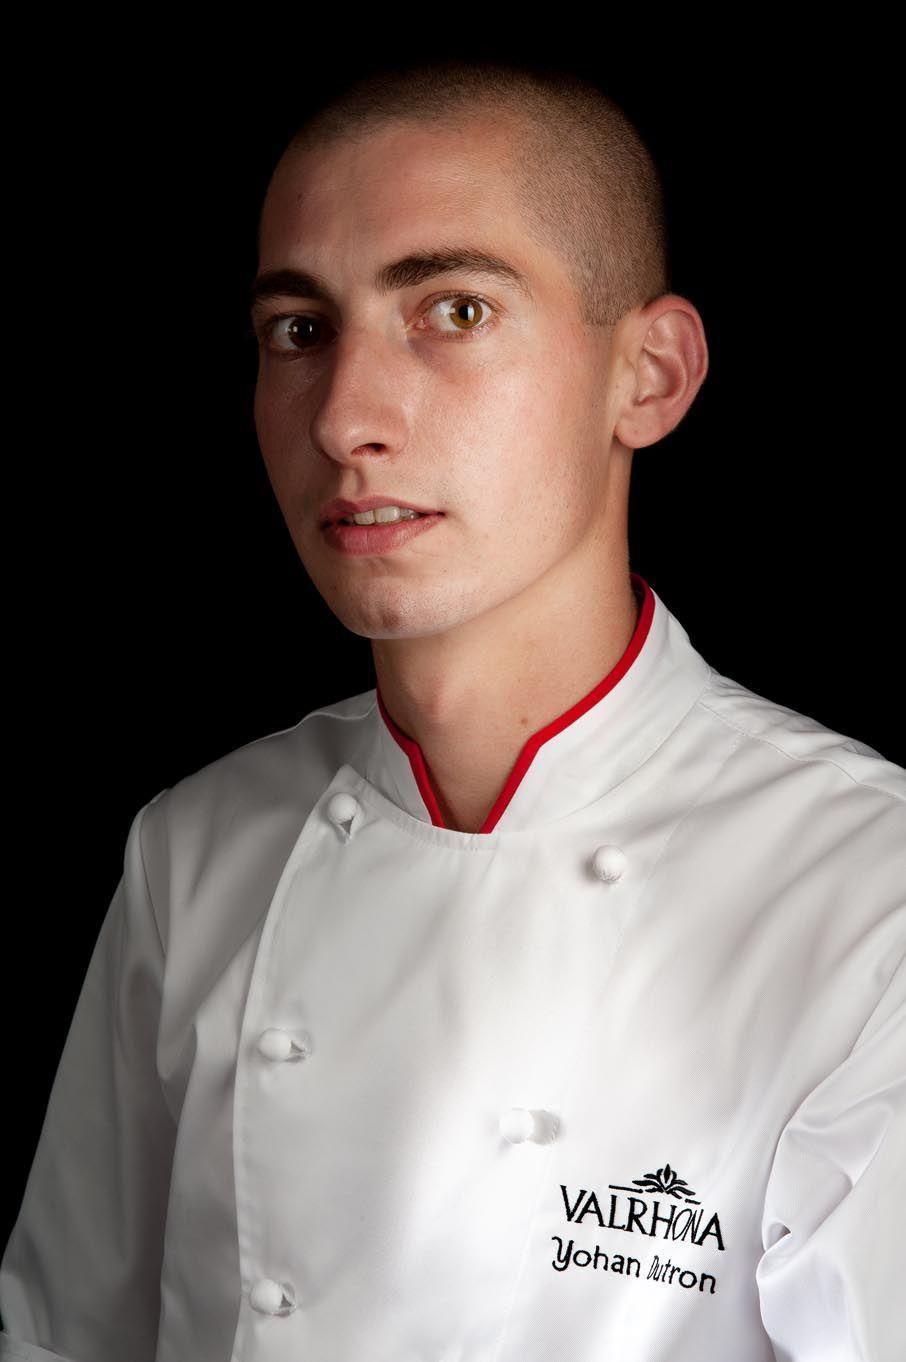 Yohann DUTRON - Pâtissier Assistant (École de Tain l'Hermitage)